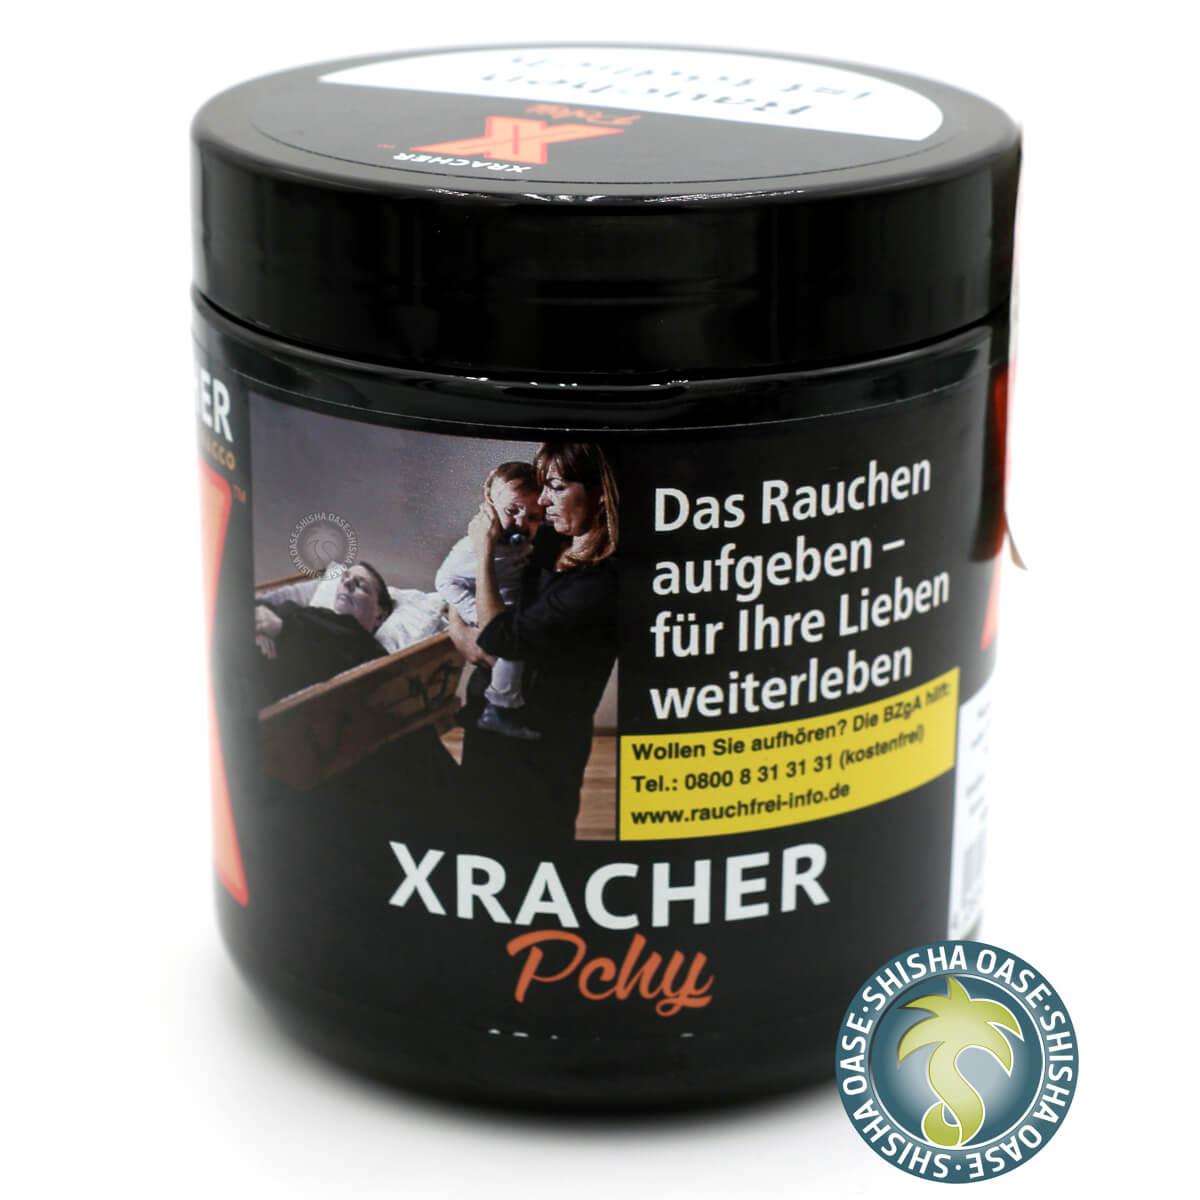 XRacher Tobacco - Pchy 200g